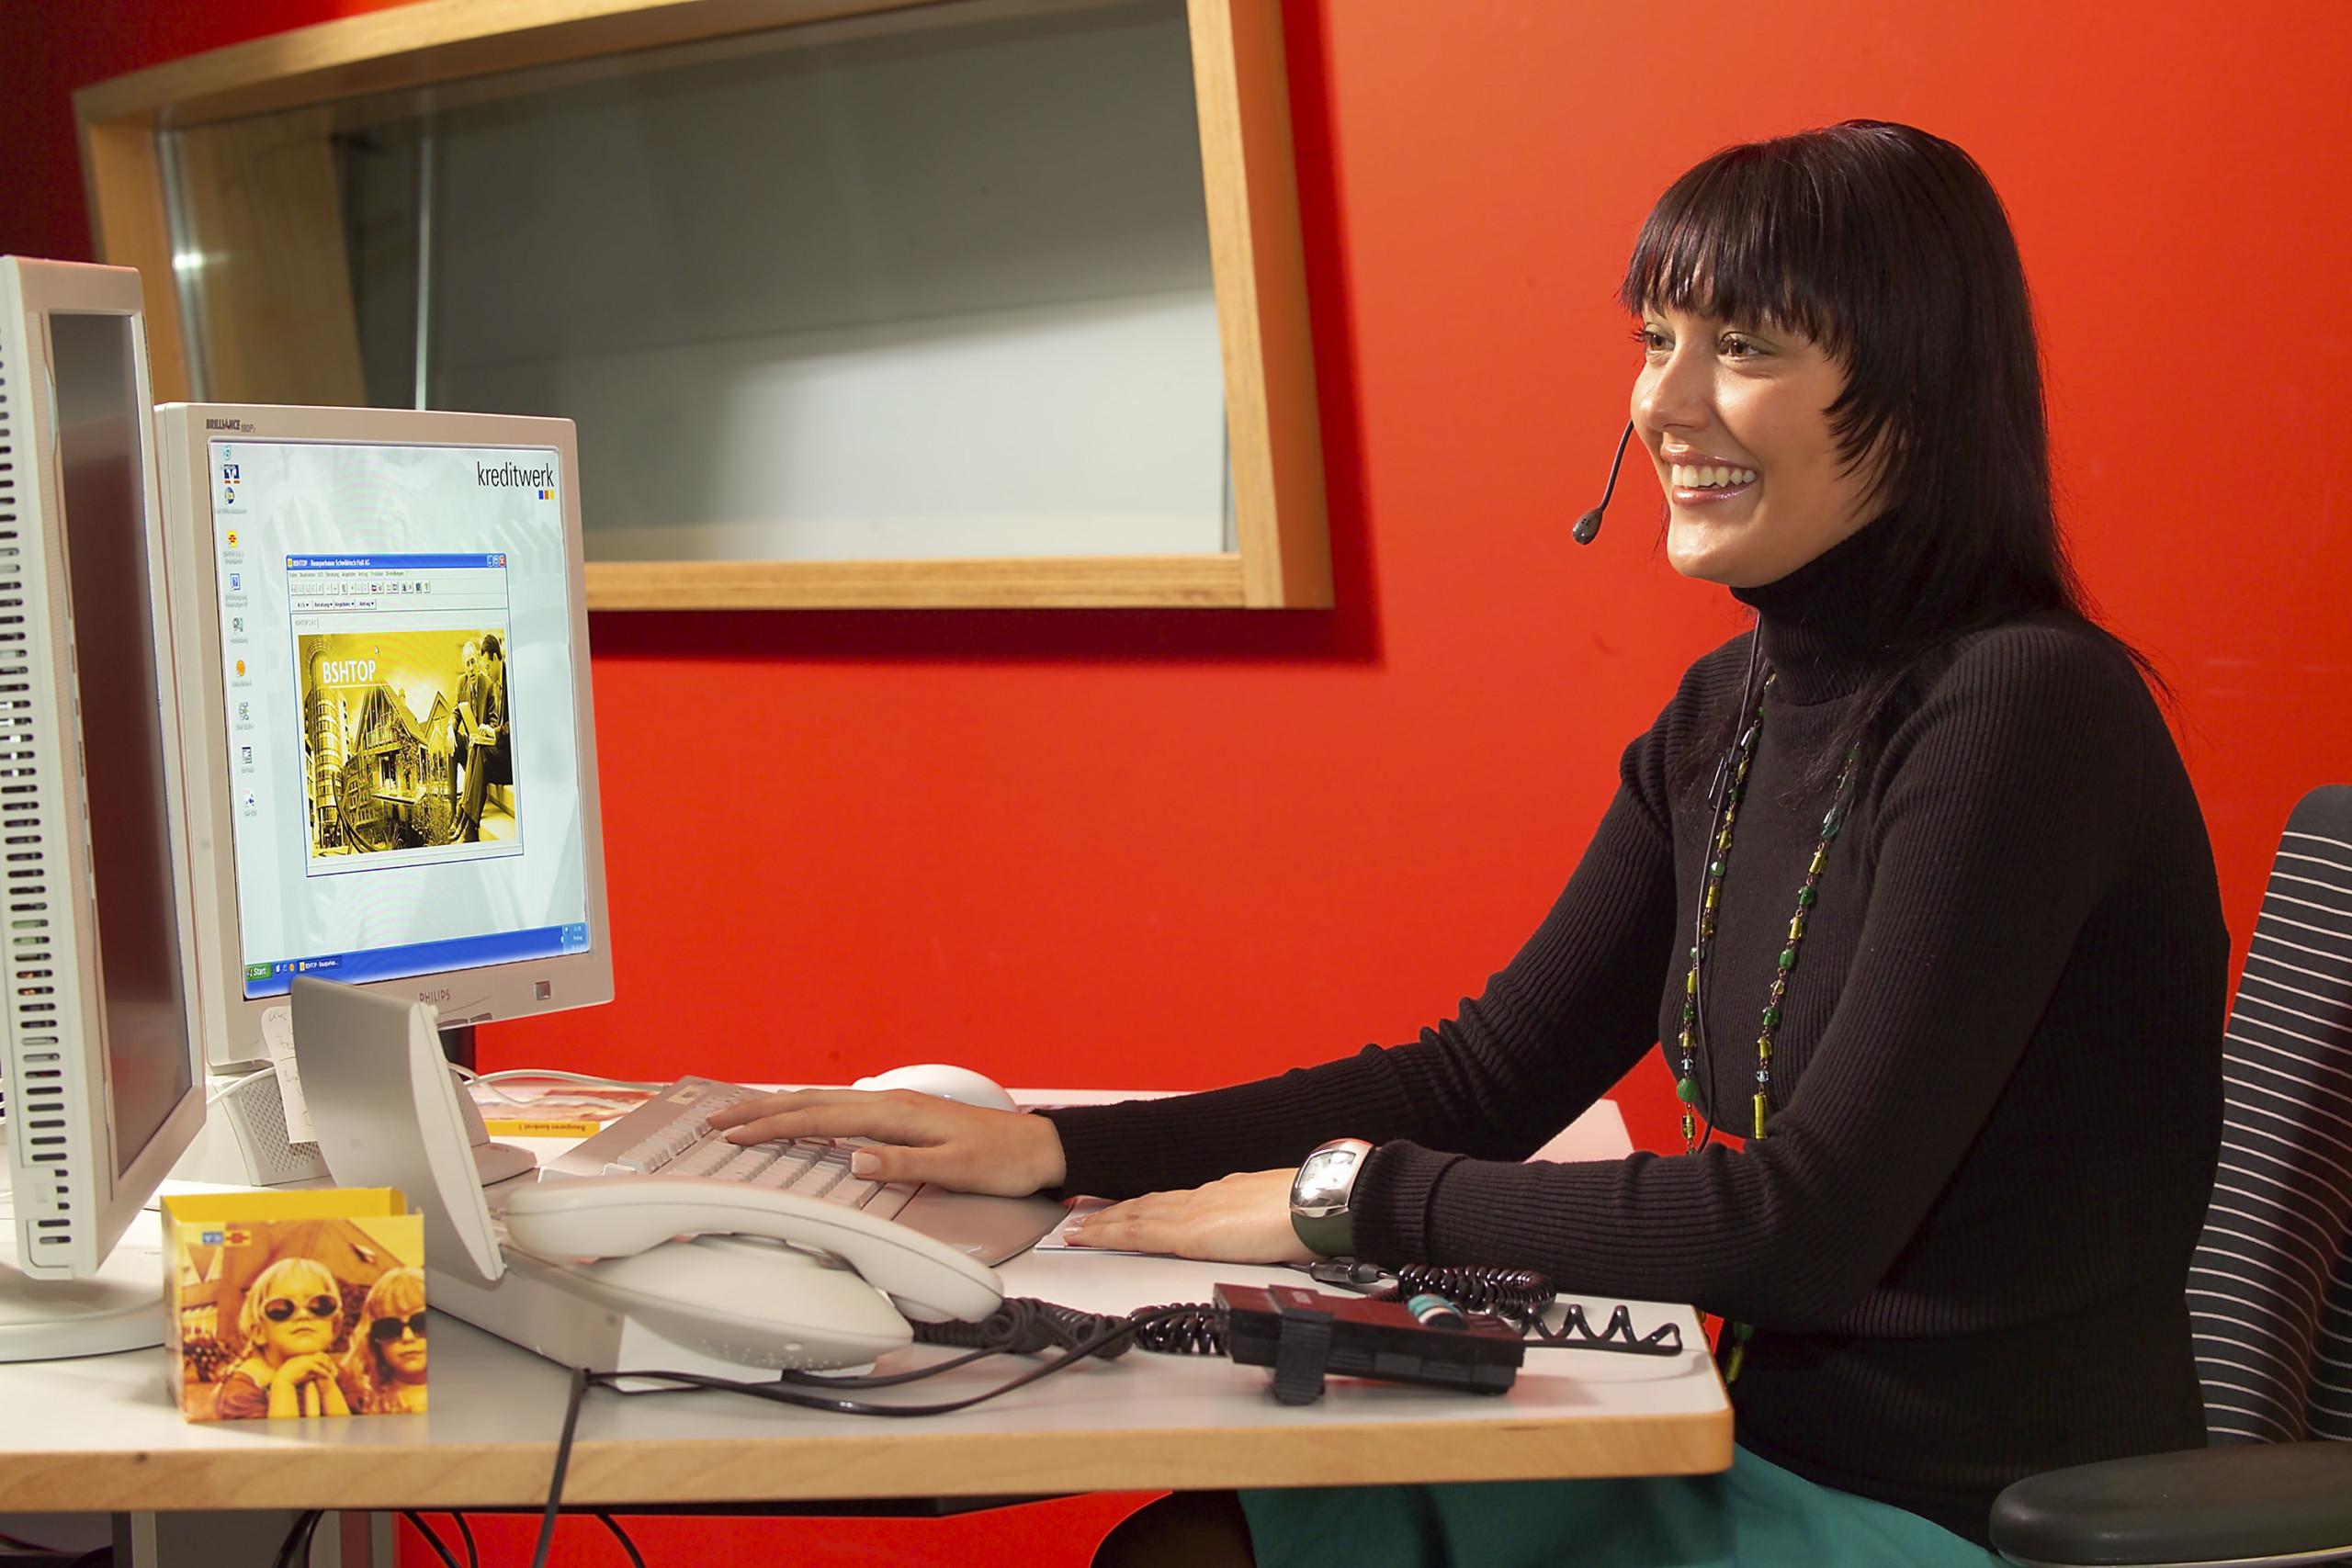 In Online-Meetings mit Mitarbeitern kommunizieren